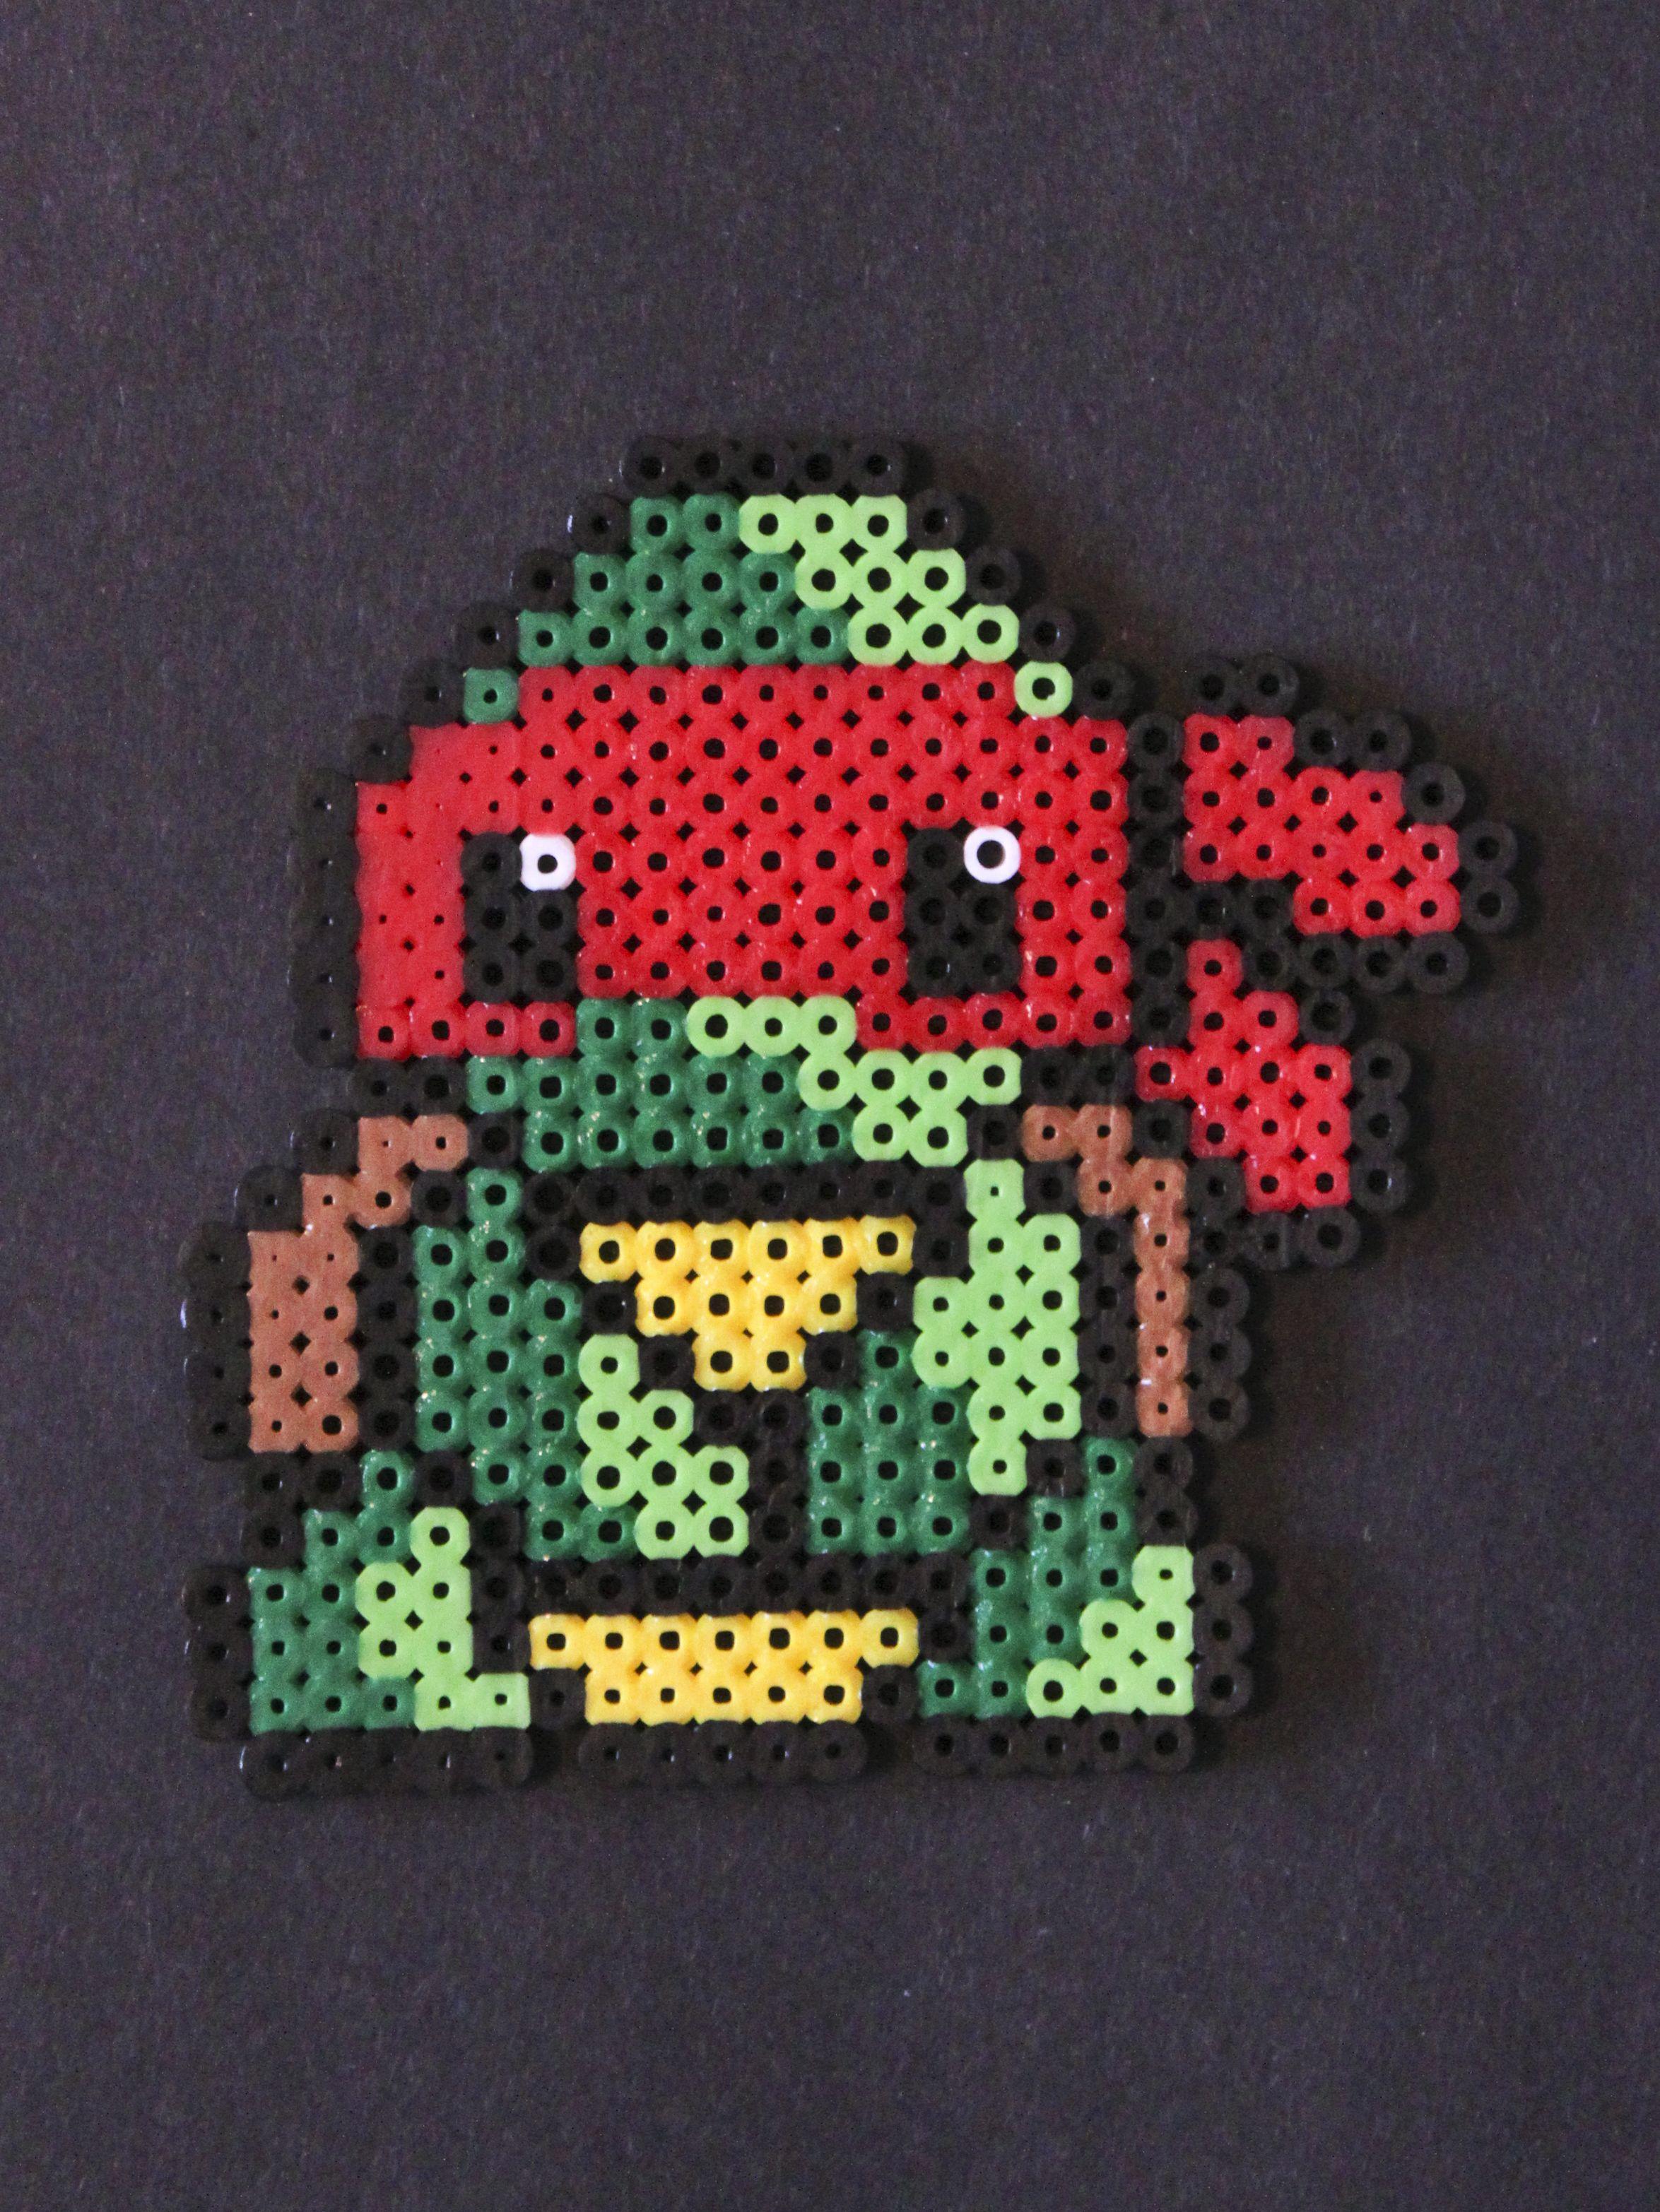 TMNT Raphael perler bead sprite by Kelsey Rushing | Bricolage et ...